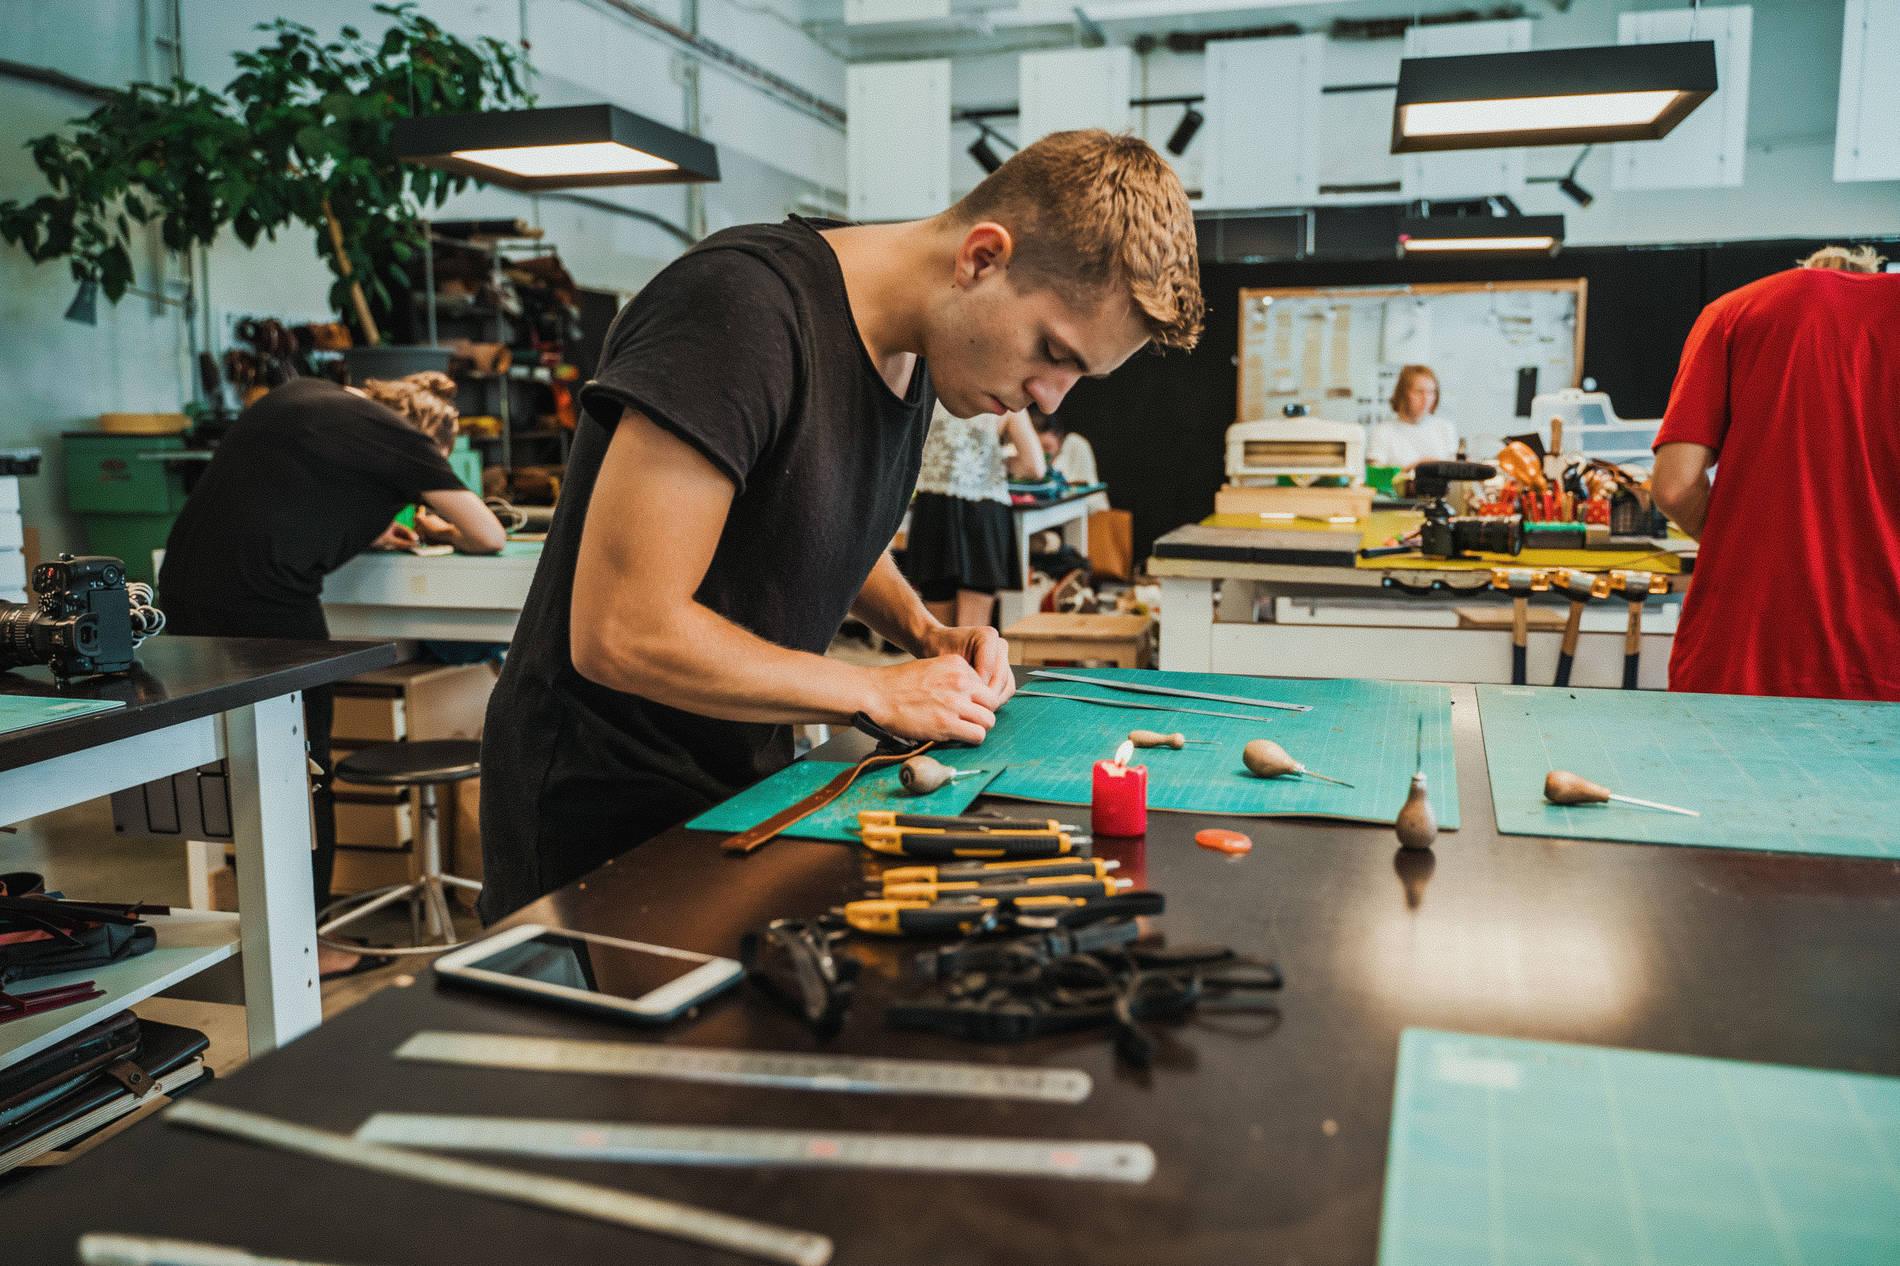 Workshop at Stella Soomlais studio in Tallinn, Estonia